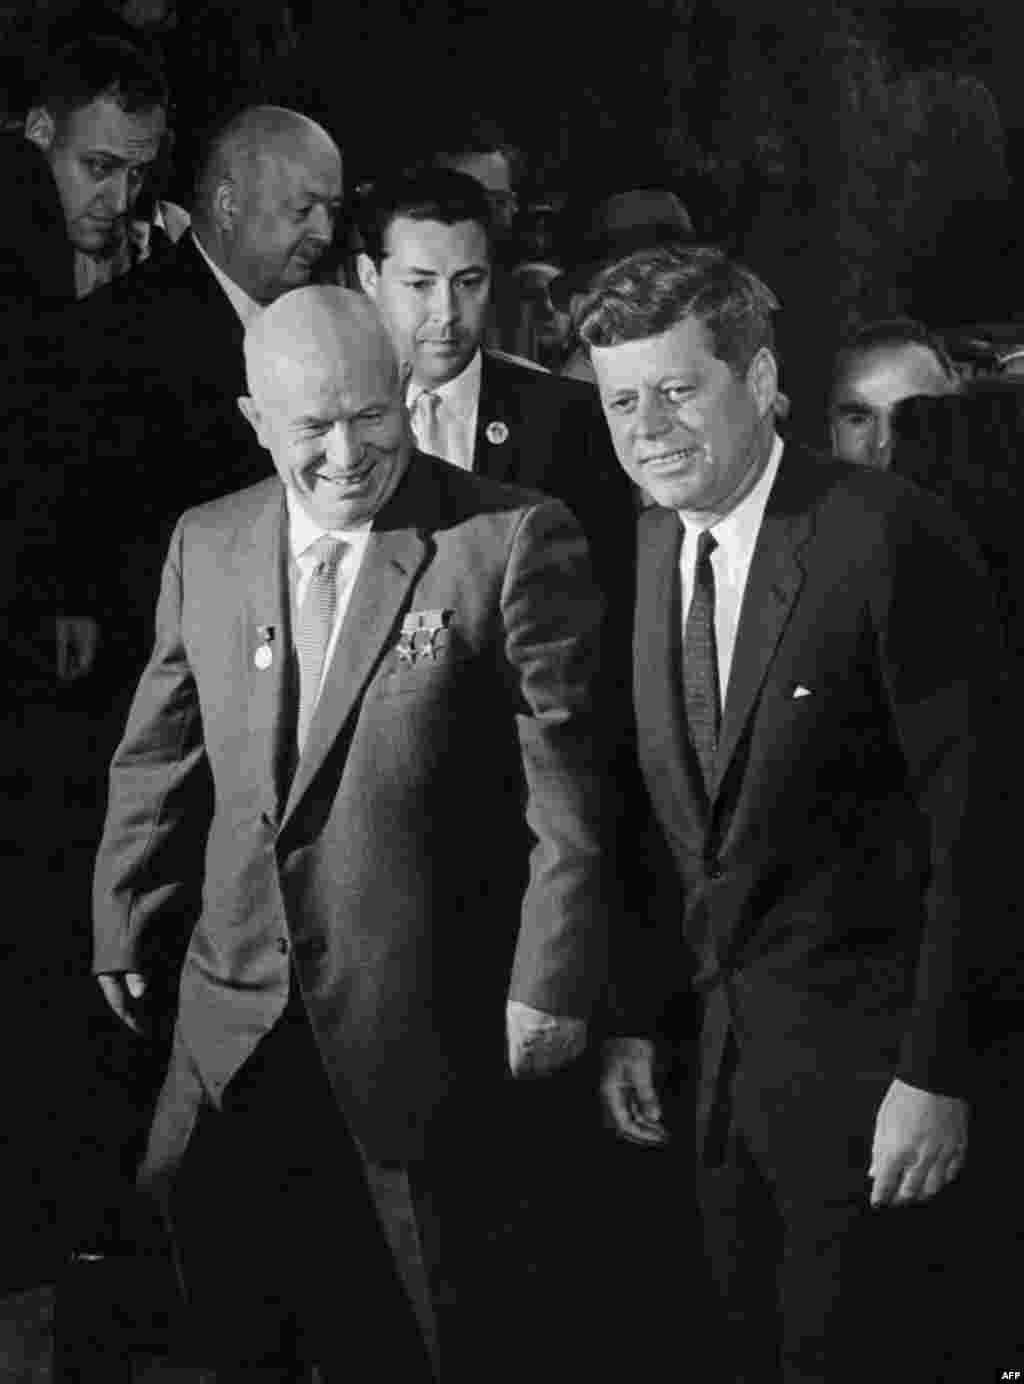 Хрущов і президент США Джон Кеннеді під час їхньої першої зустрічі 3 червня 1961 року у Відні, за рік до початку кубинської ракетної кризи. У жовтні 1962 року Кеннеді наказав запровадити блокаду Куби після того, як СРСР почав перевозити на острів свої ракети.